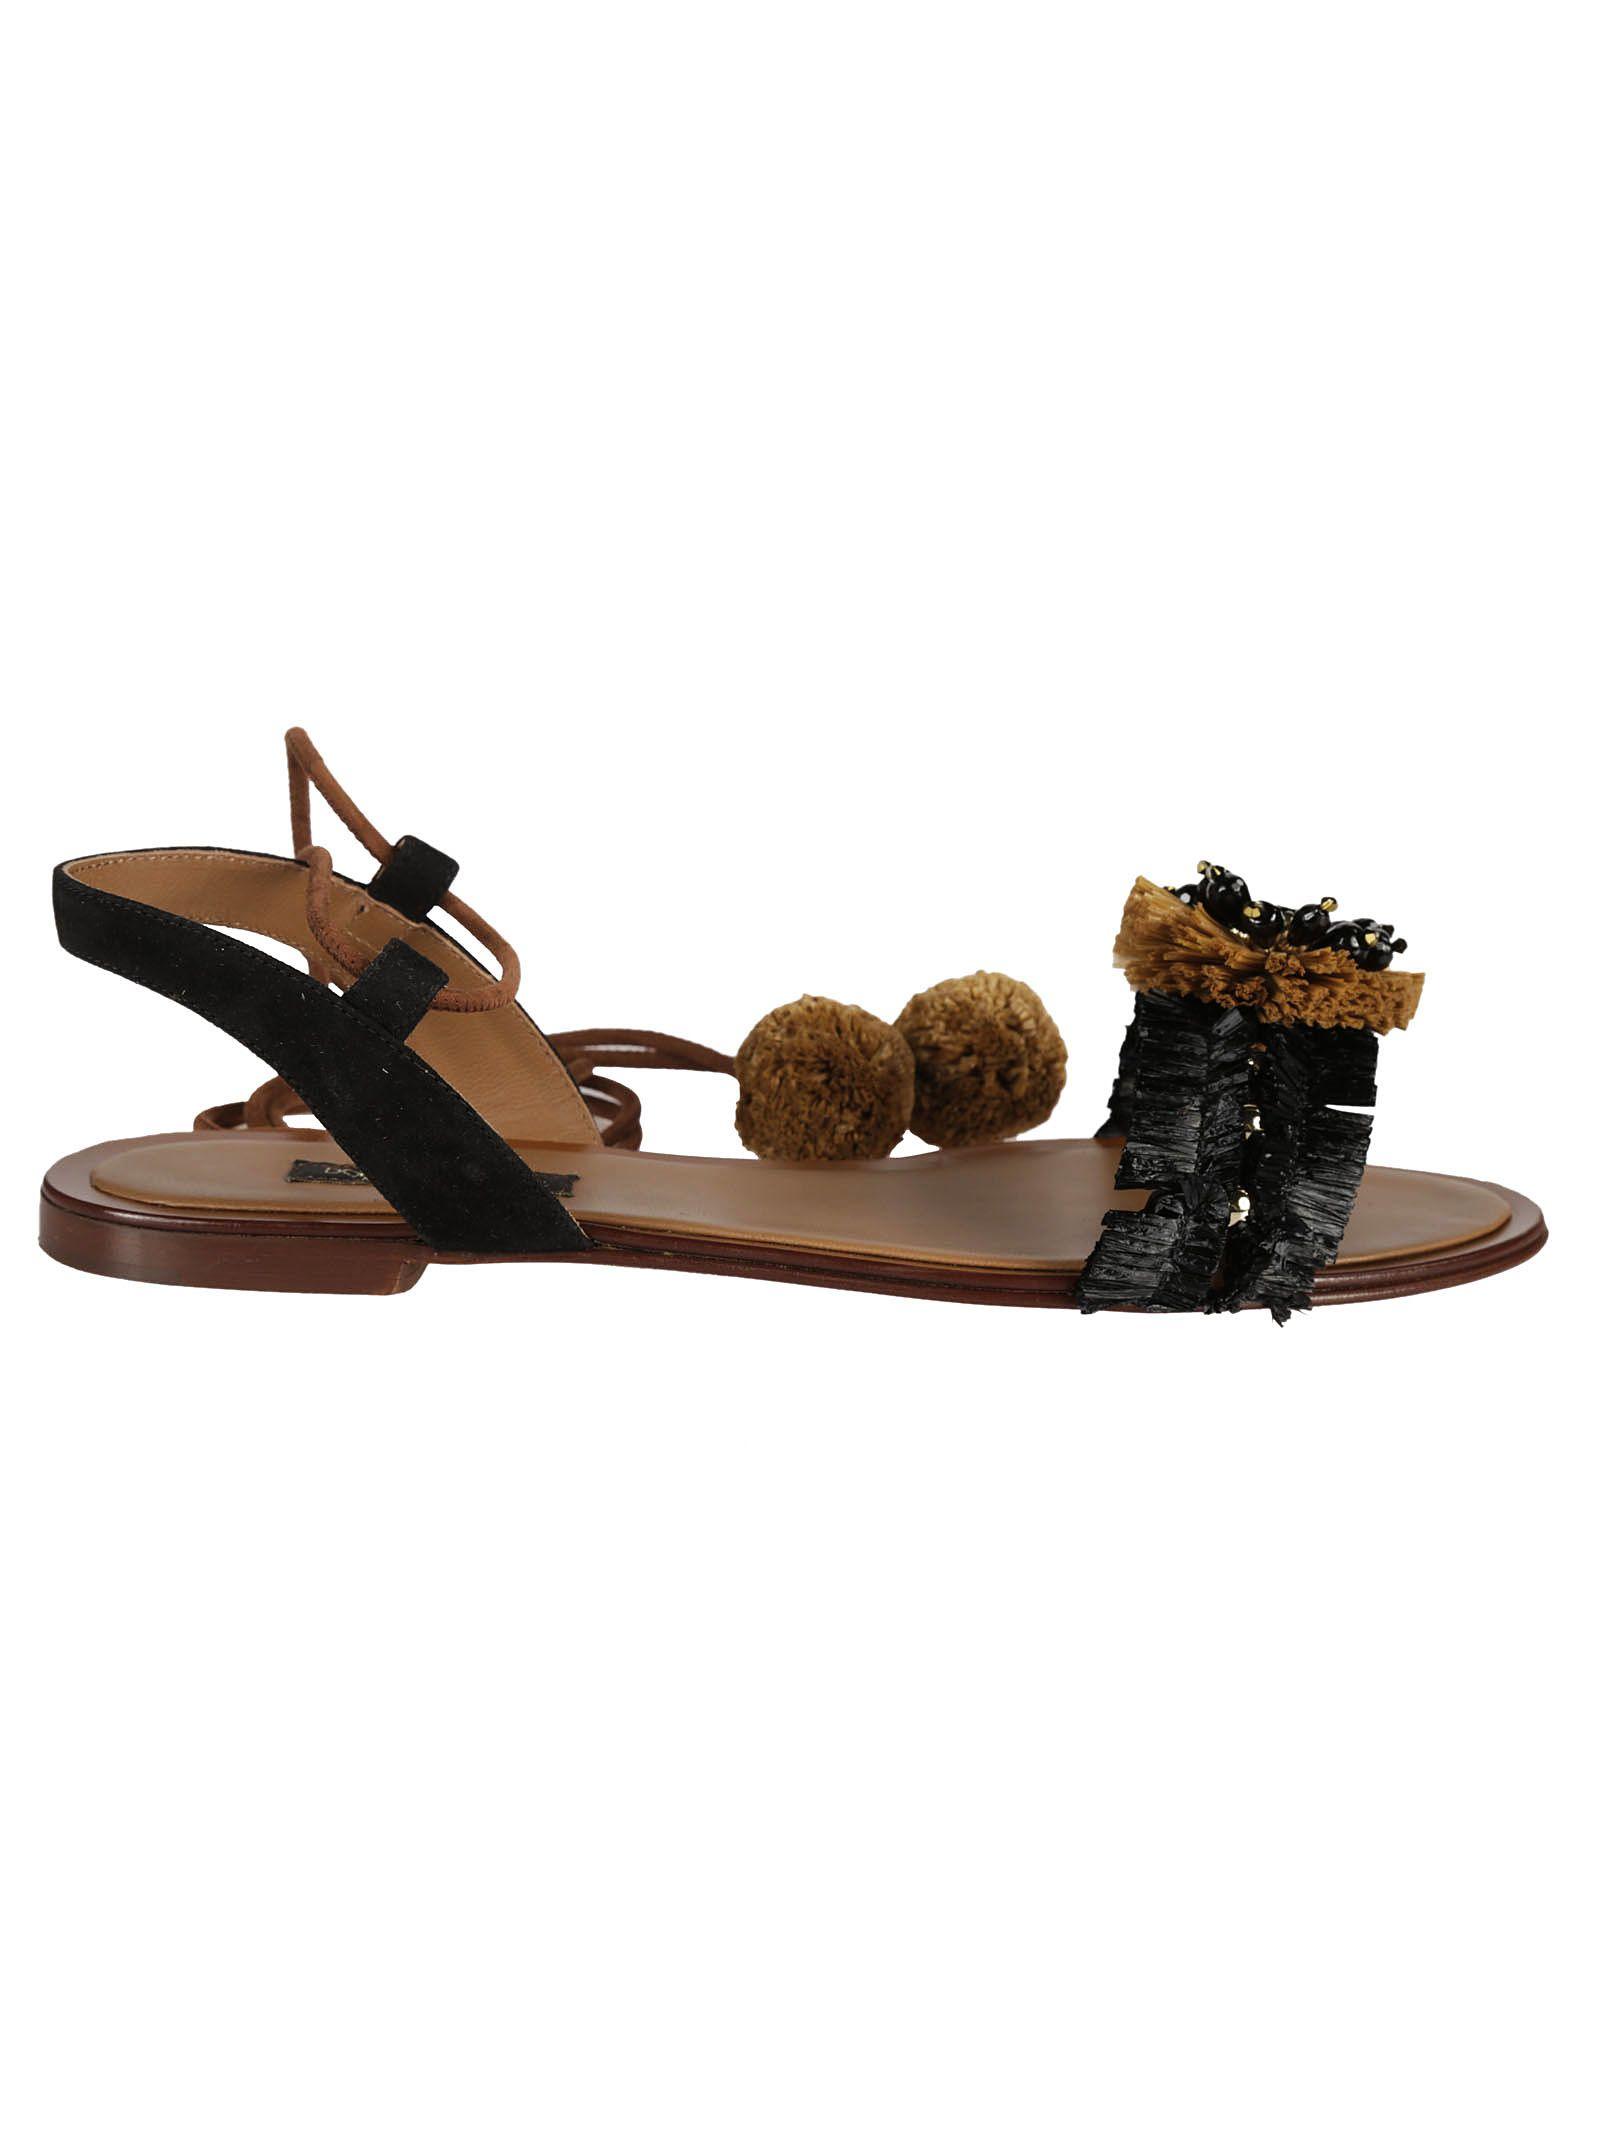 863109855 Dolce & Gabbana Raffia Embellished Flat Sandals - Black/Brown ...